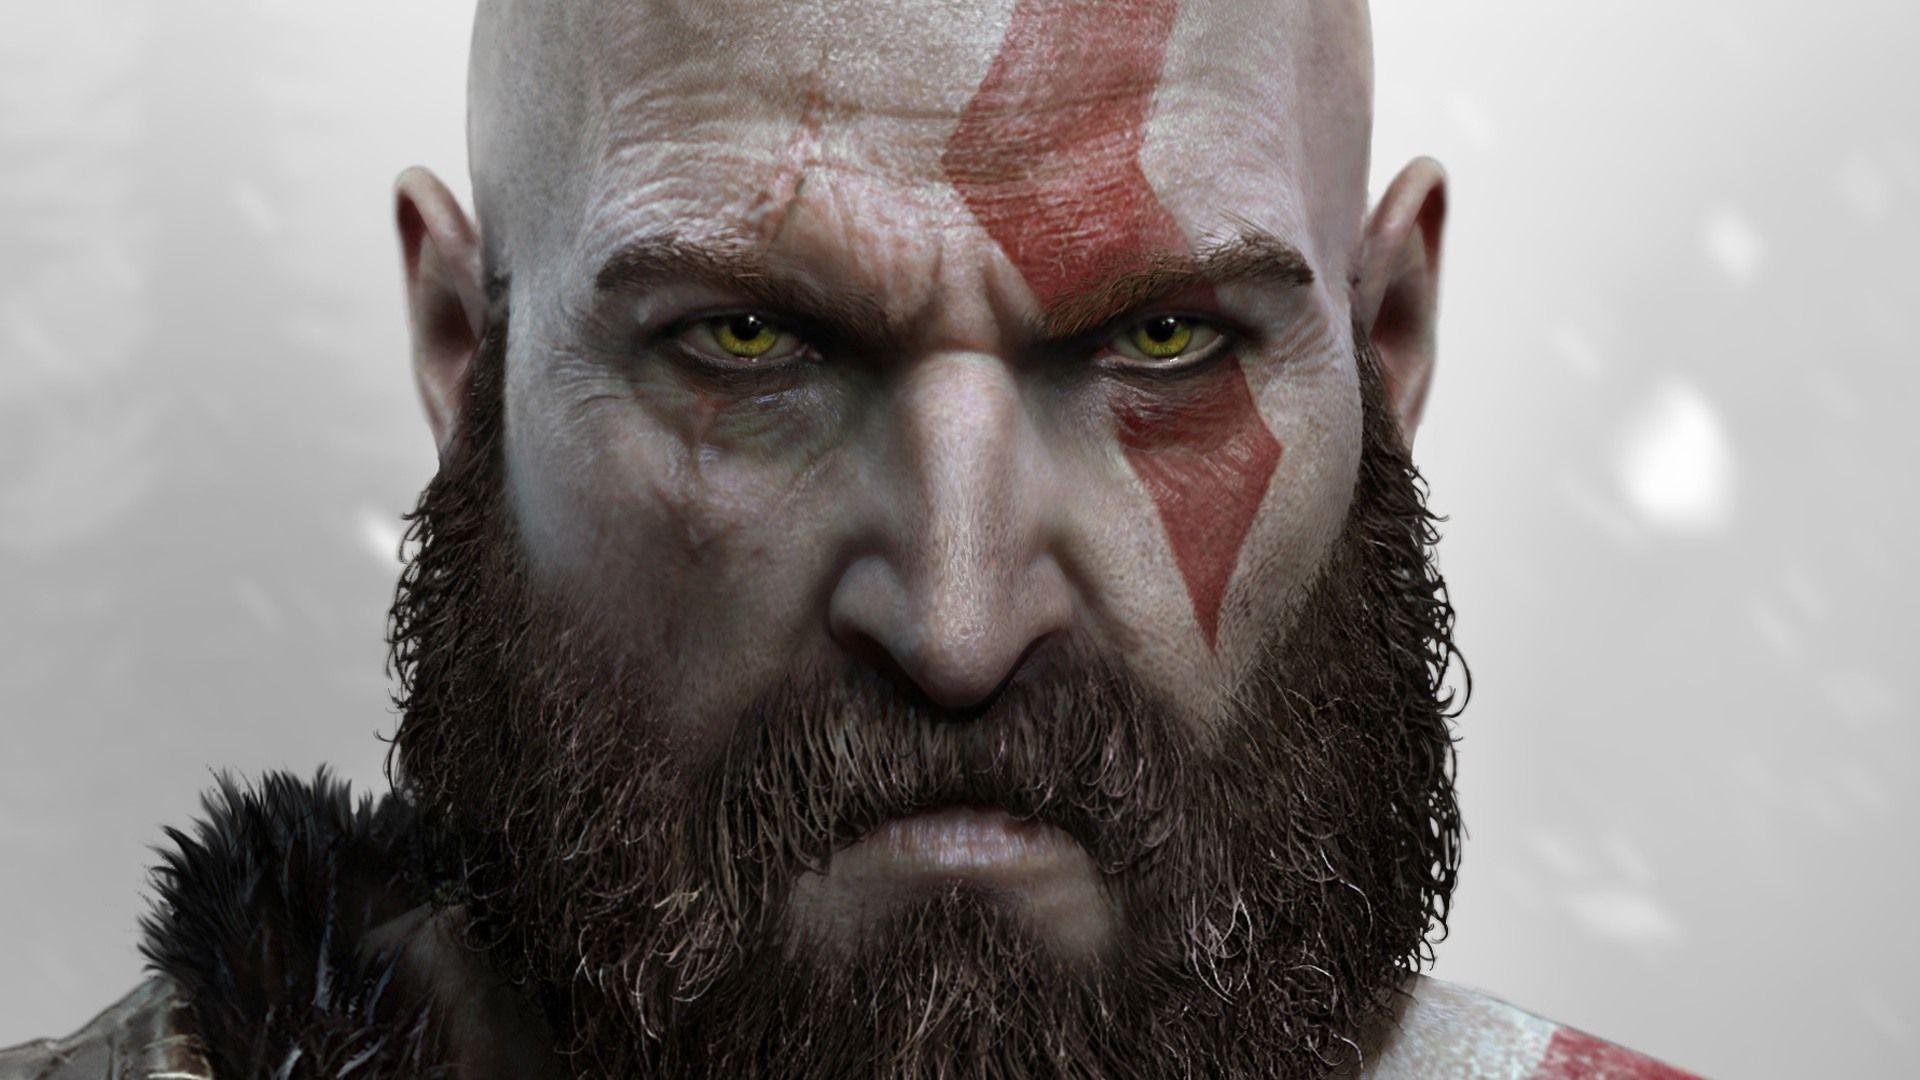 Kratos God Of War 4 Game 2691 Wallpaper God Of War Kratos God